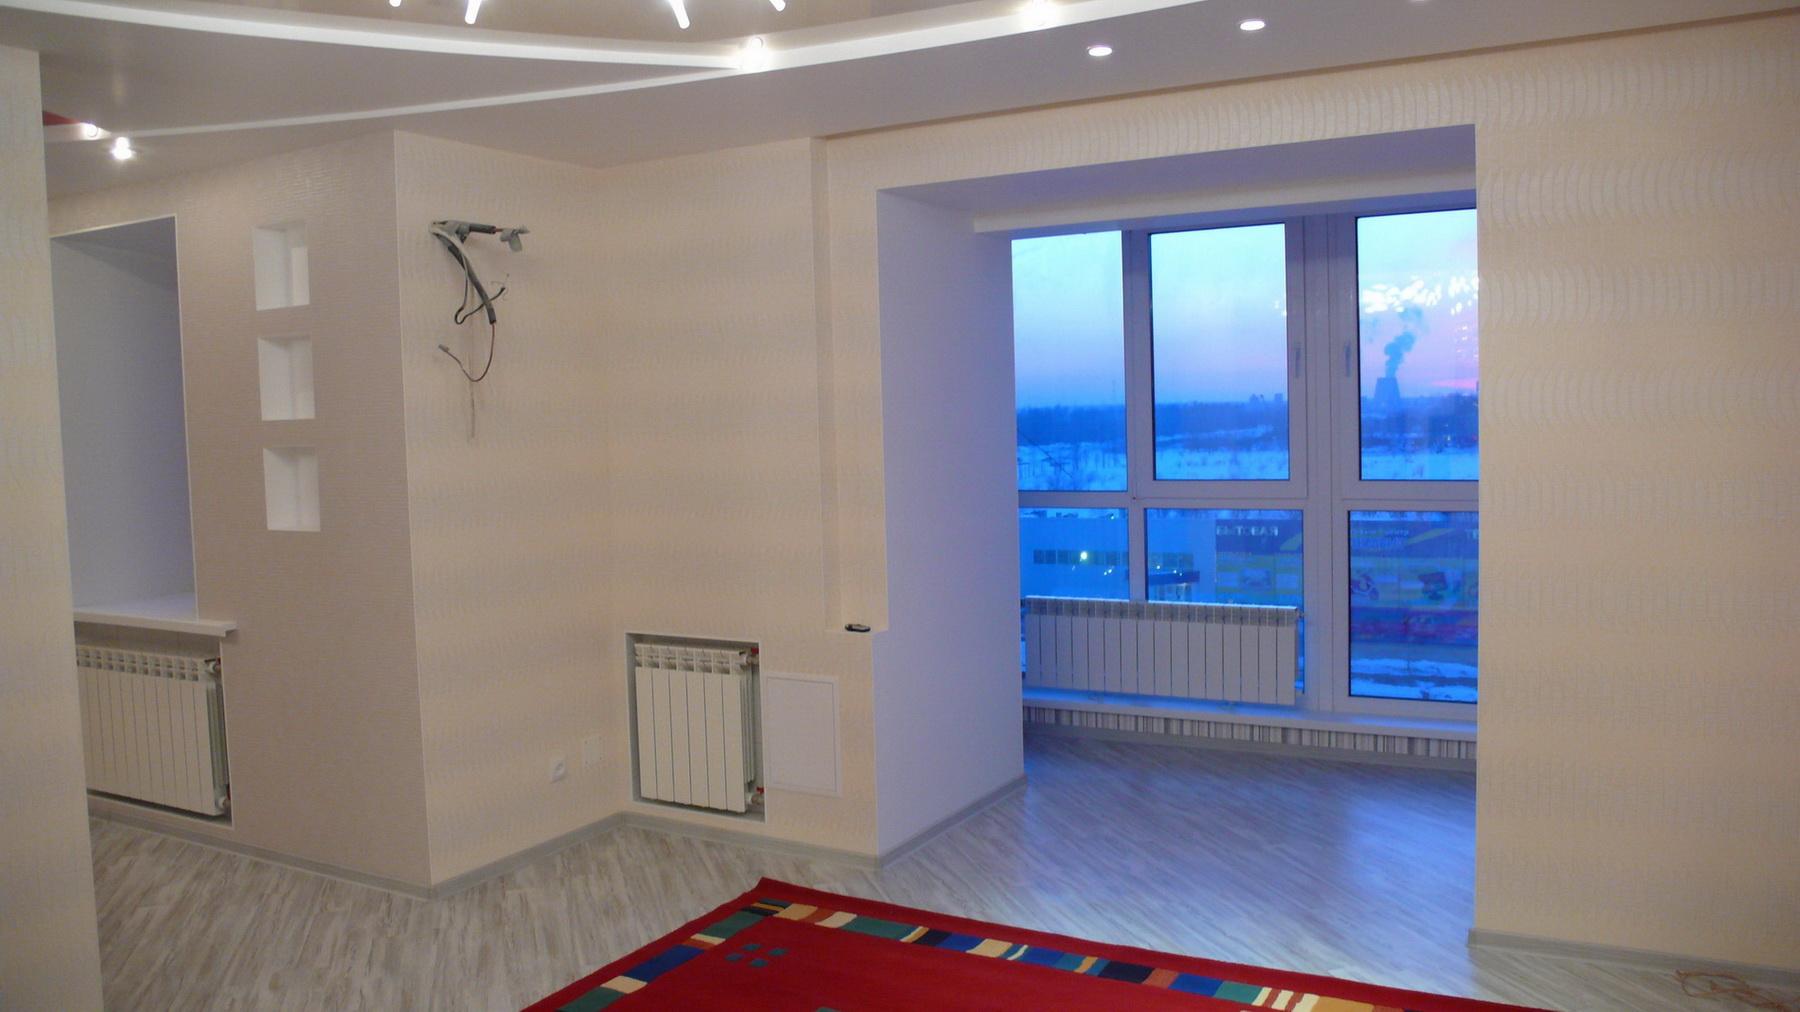 Ремонт на балконе/лоджии... советы, подсказки, умные мысл....